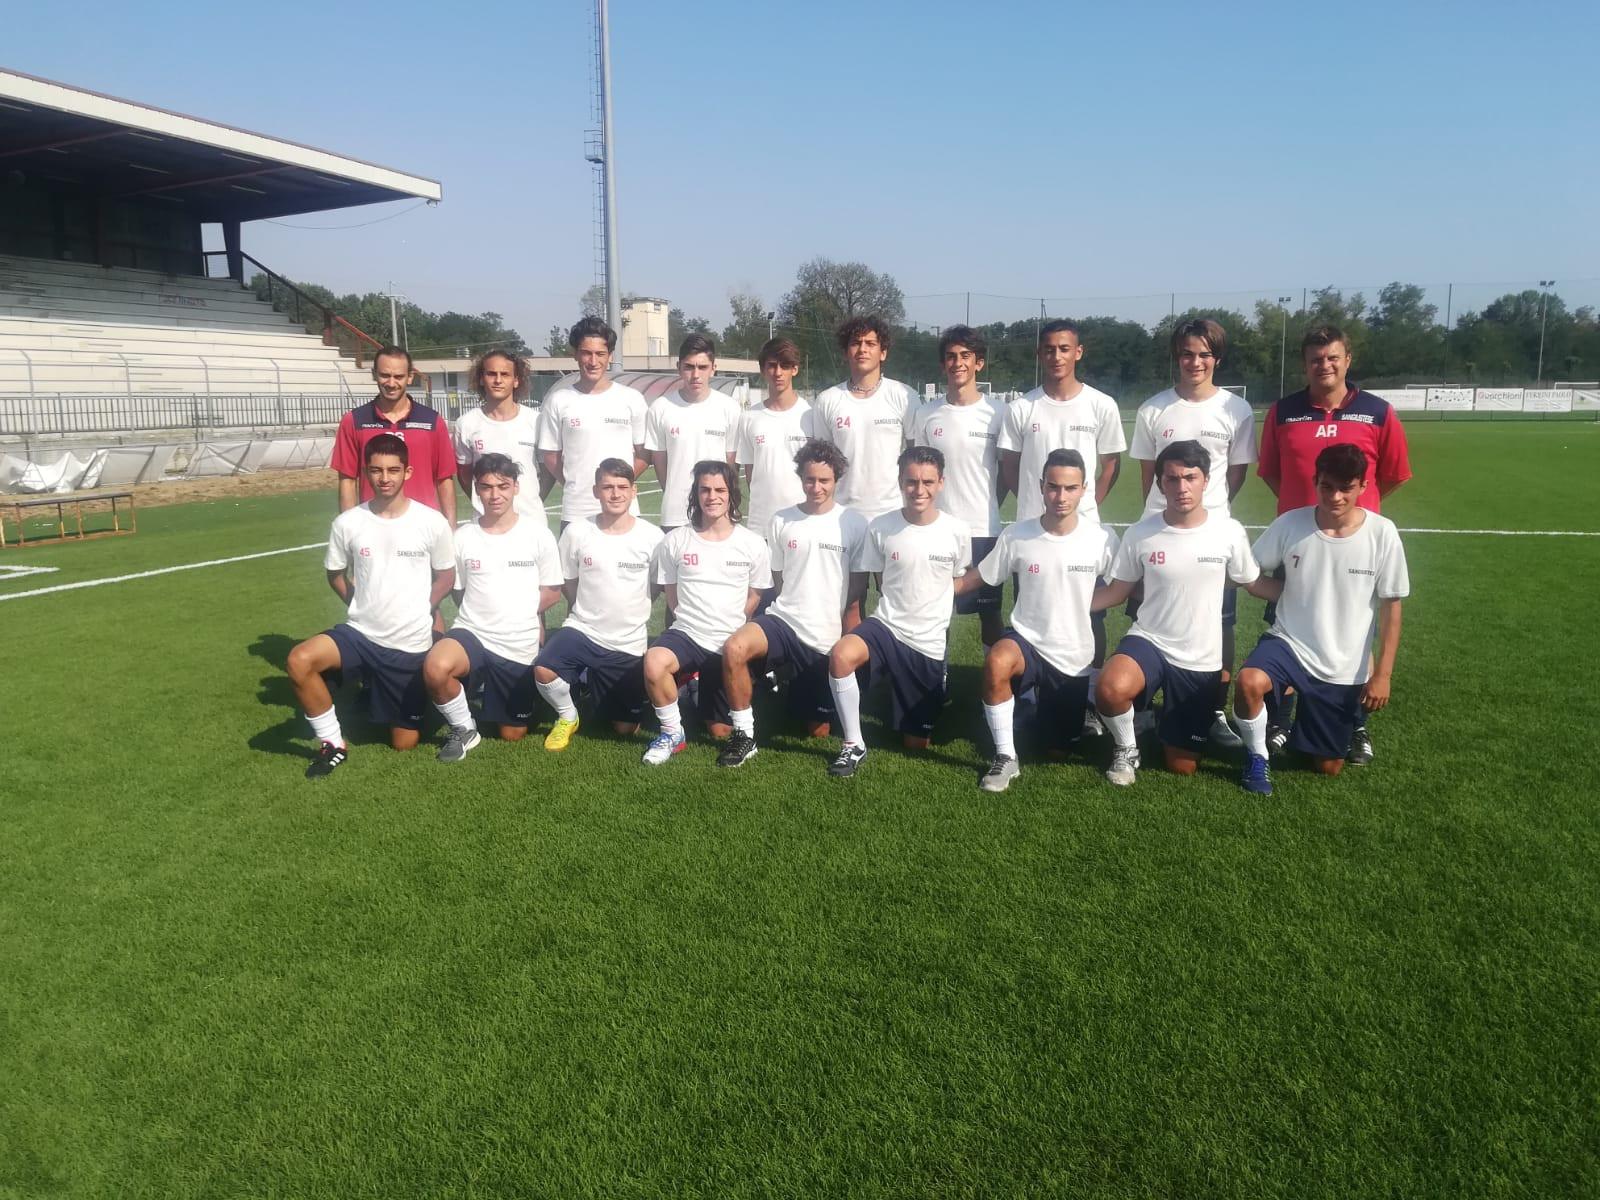 Calendario Nazionale Calcio.Sangiustese Calcio Mister Rossi Commenta Il Calendario